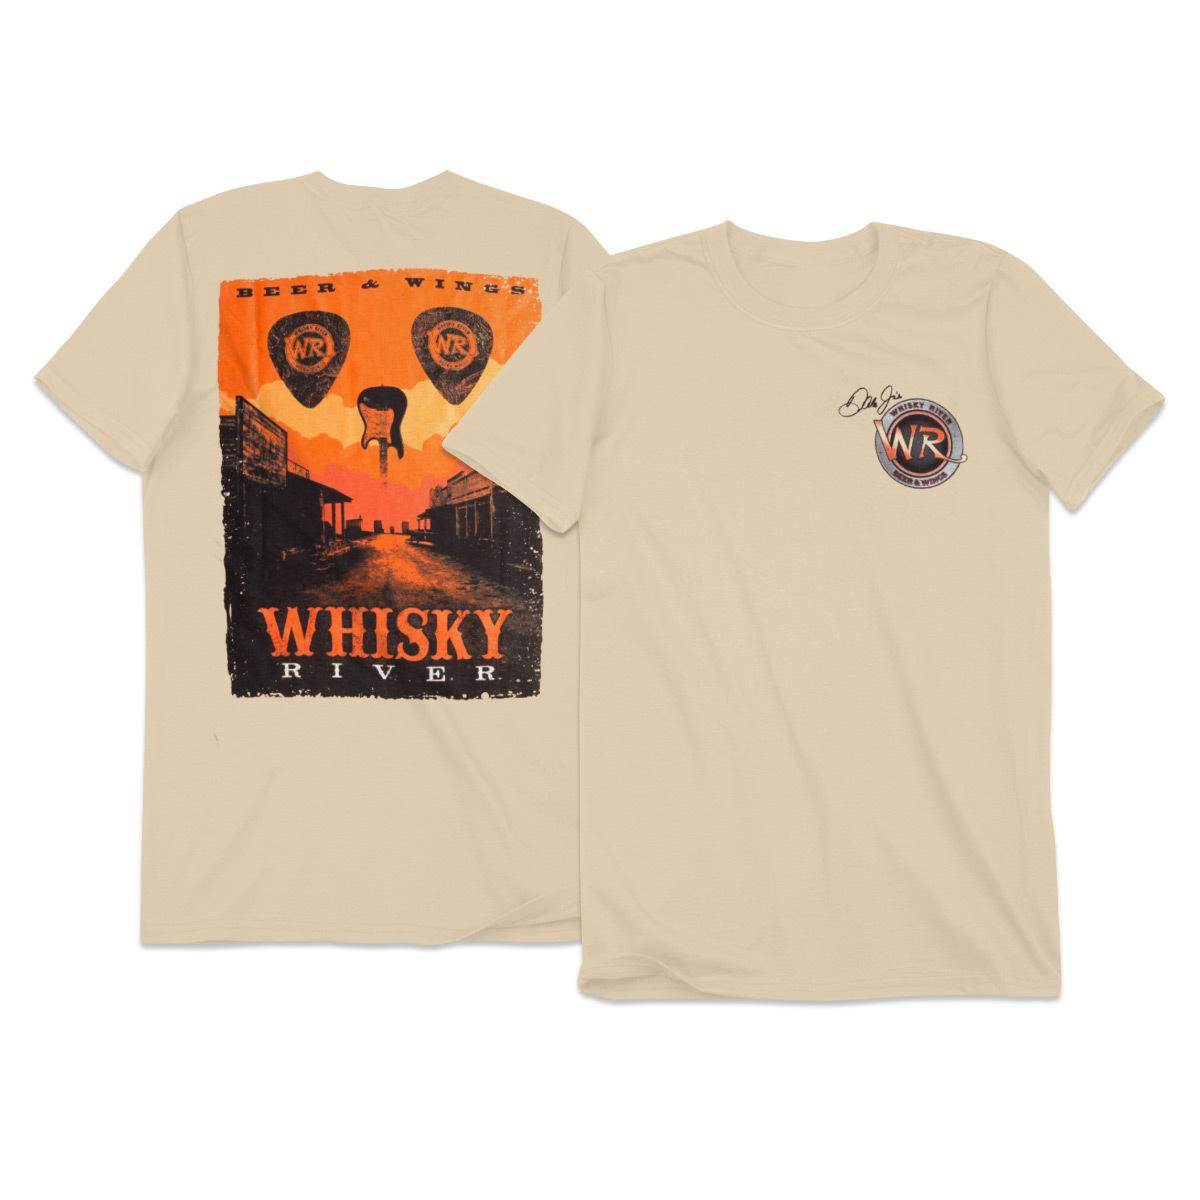 Whisky River Adult Skull Poster T-shirt